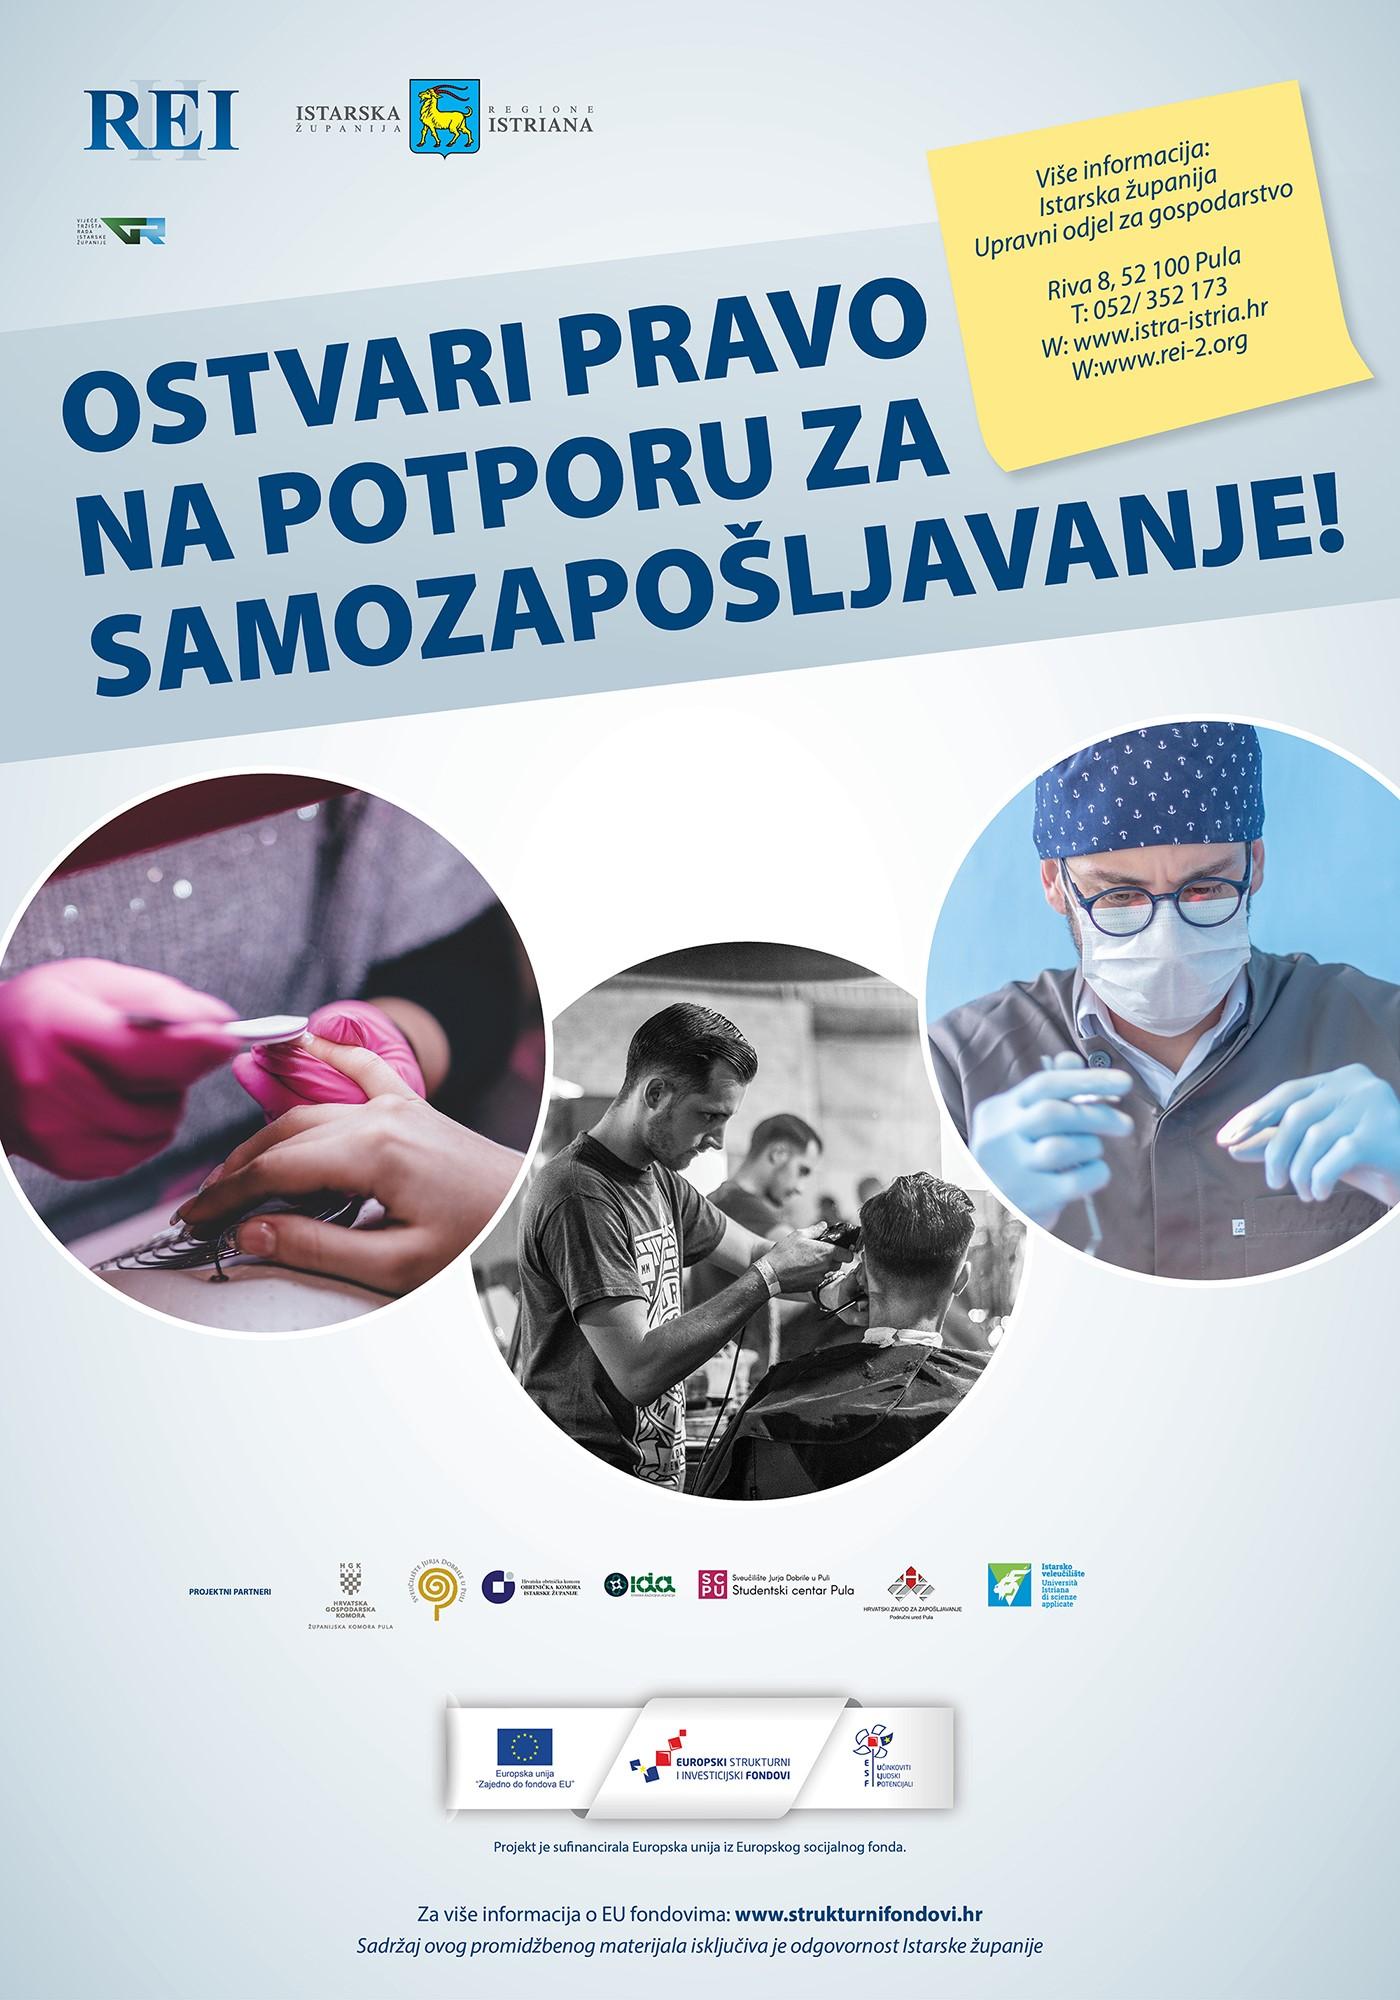 http://www.novigrad.hr/objavljen_javni_poziv_za_dodjelu_potpora_u_svrhu_samozaposhljavanja_nezapos